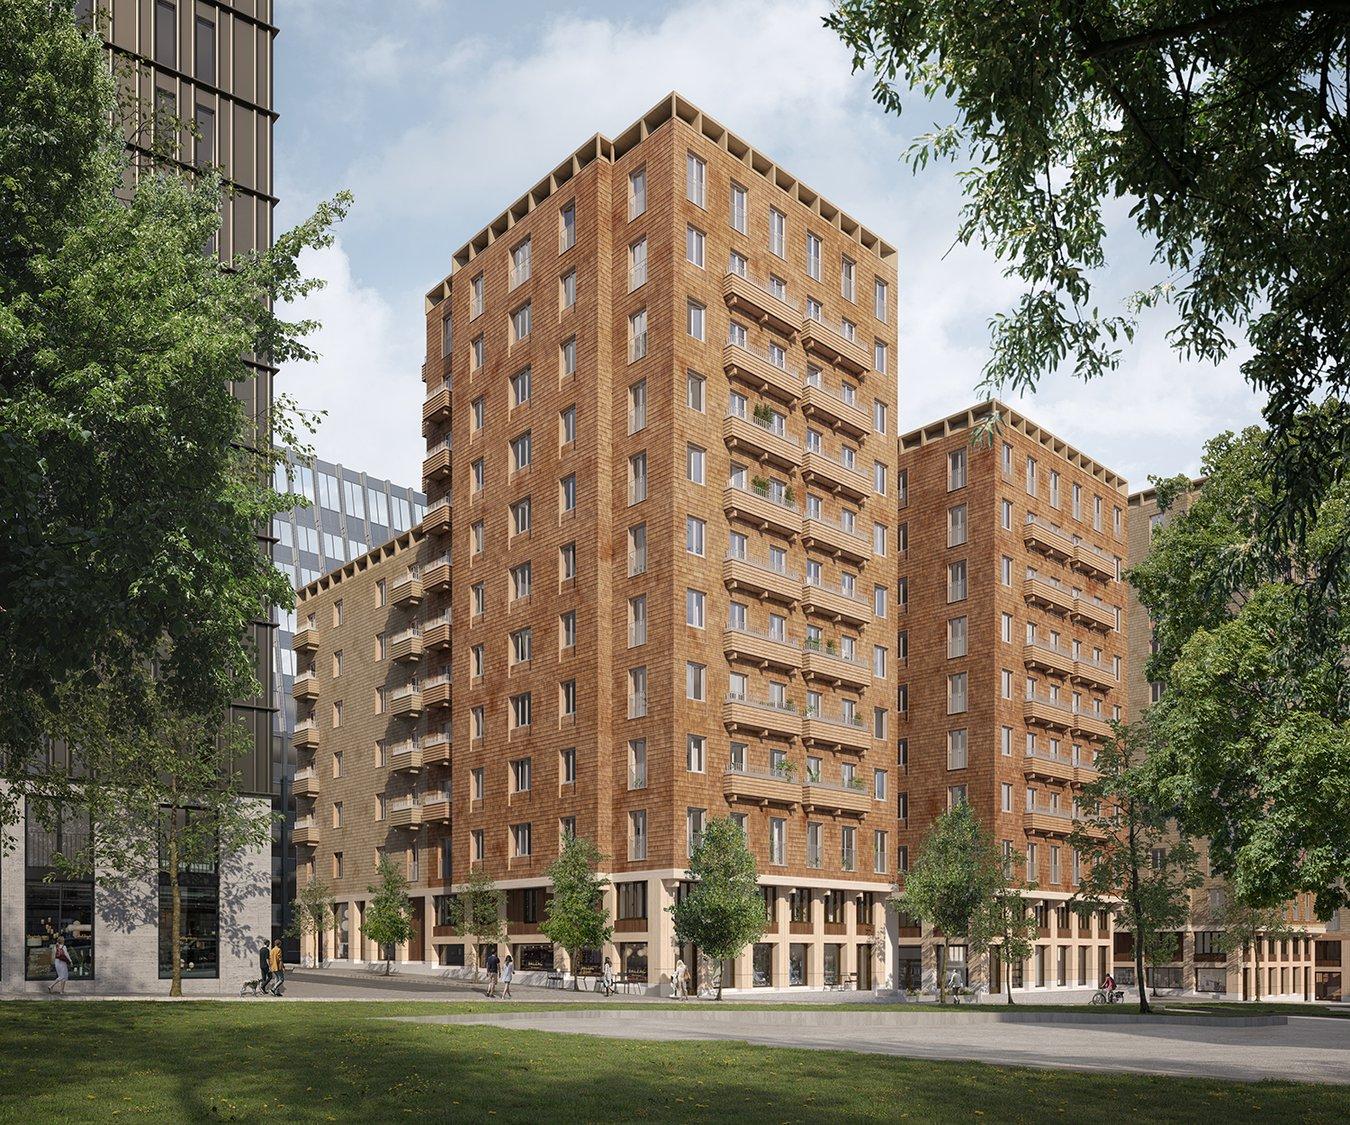 Pogledajte kako izgleda jedan od najviših stambenih kompleksa na svijetu izgrađen potpuno od drva